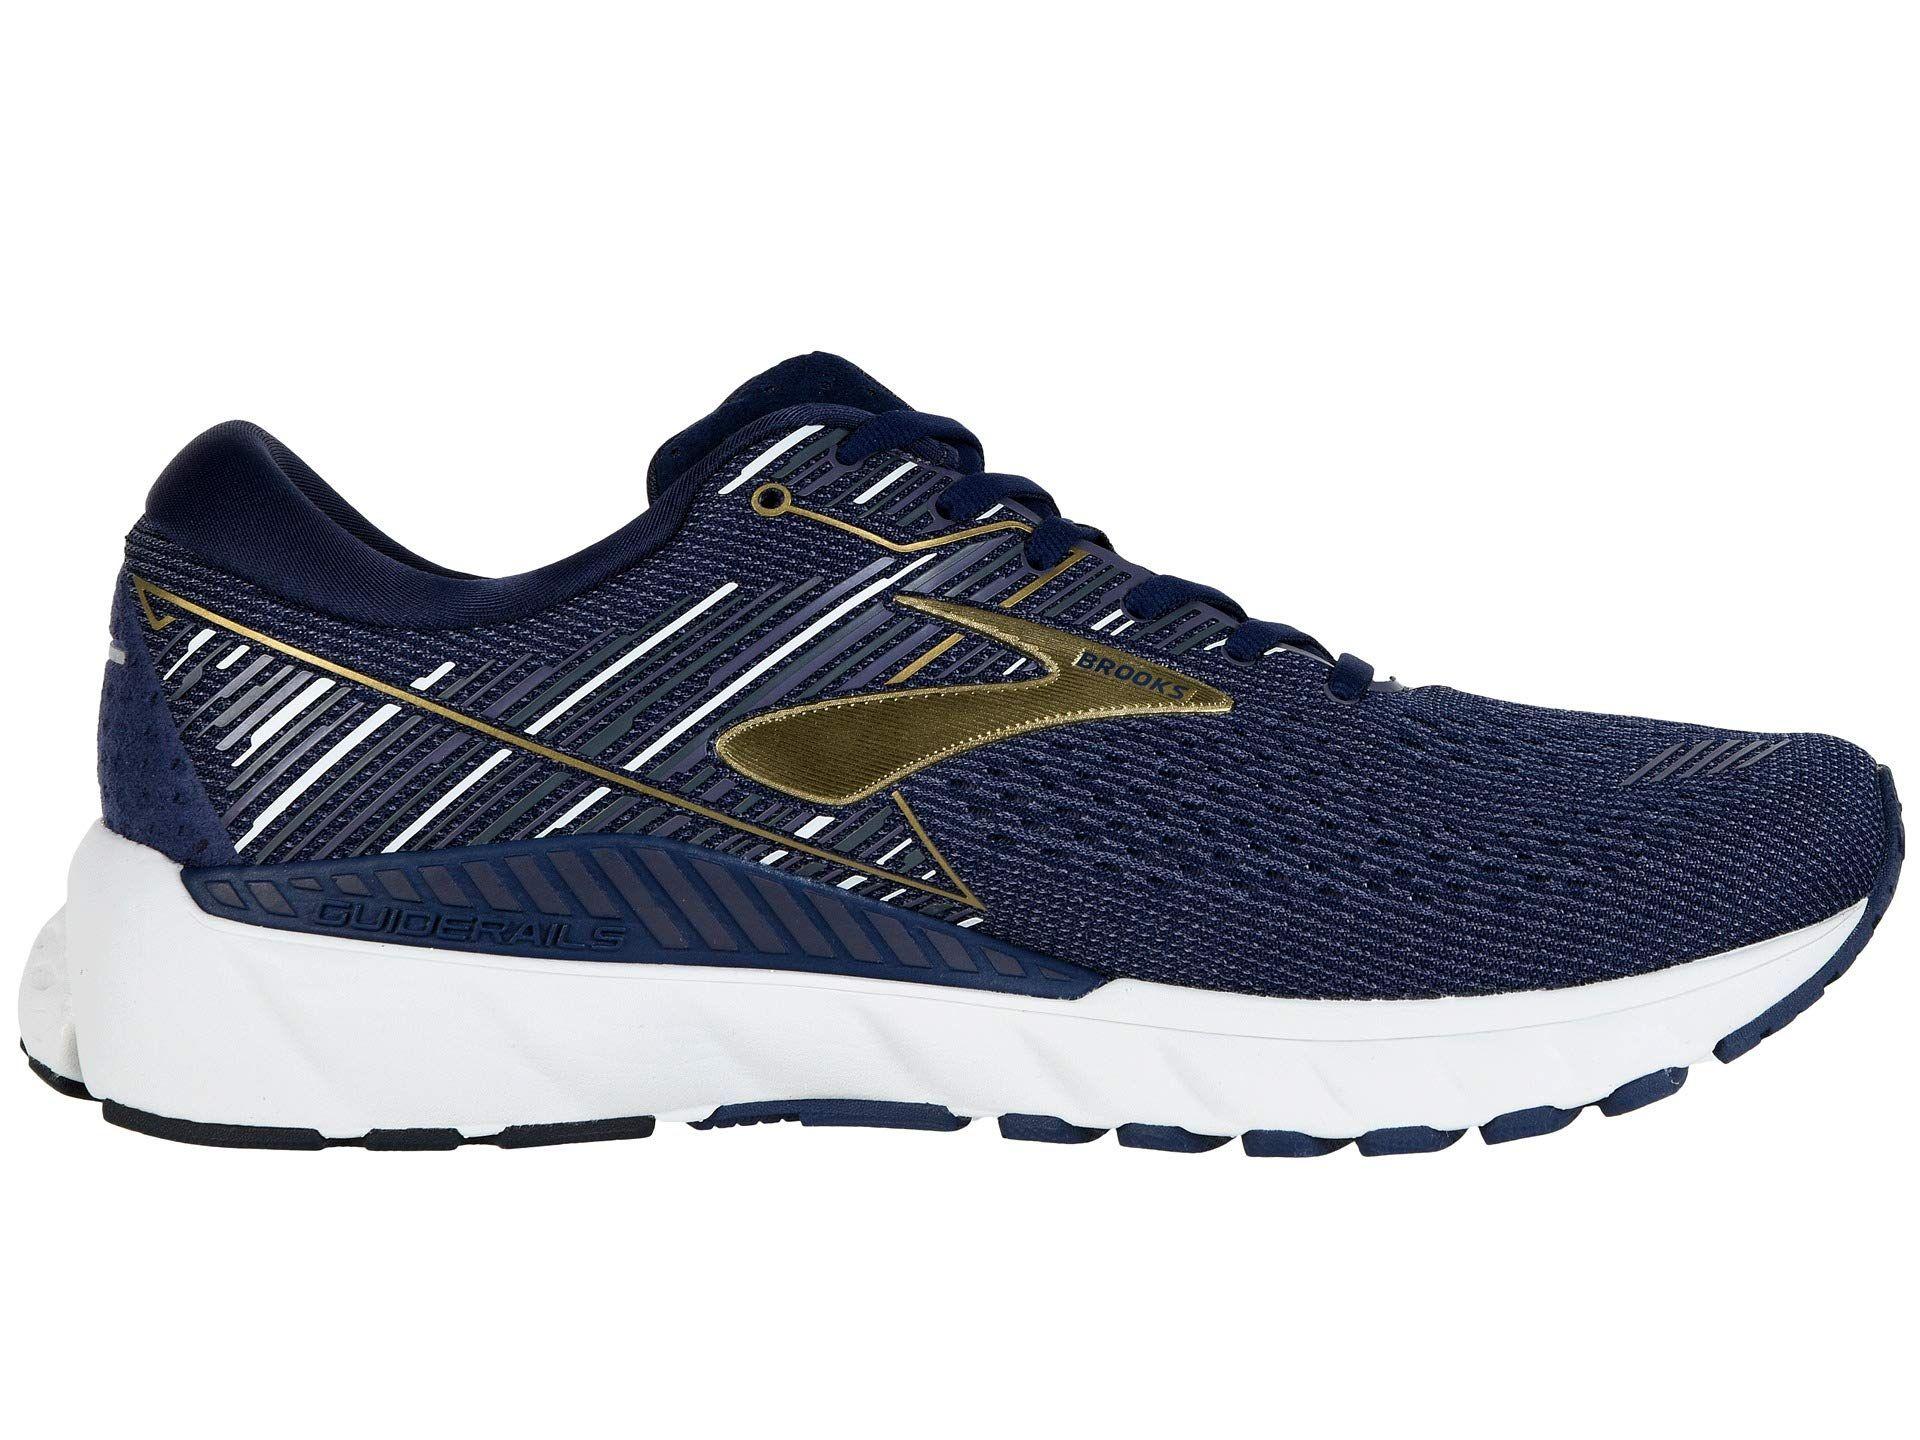 Shoe Running 2020 Reviews Best ShoesRunning OiPZTkXwu